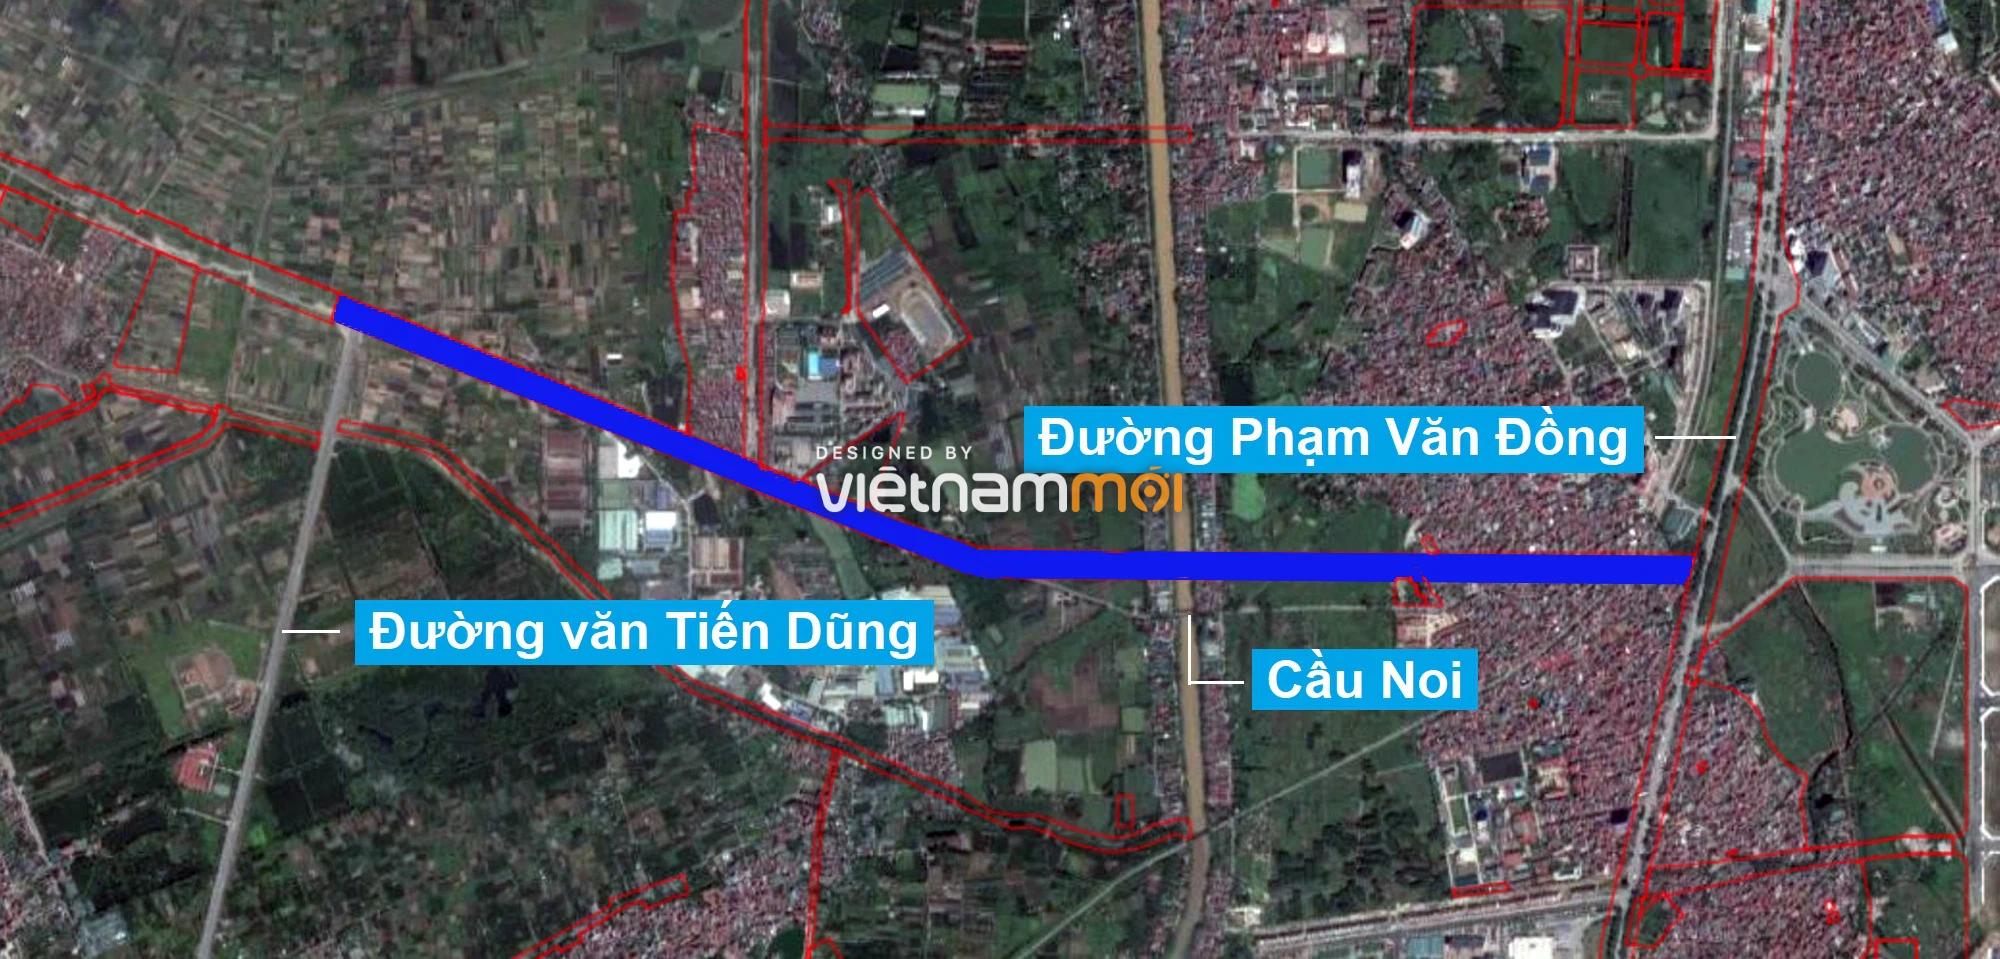 Những khu đất sắp thu hồi để mở đường ở quận Bắc Từ Liêm, Hà Nội (phần 2) - Ảnh 2.